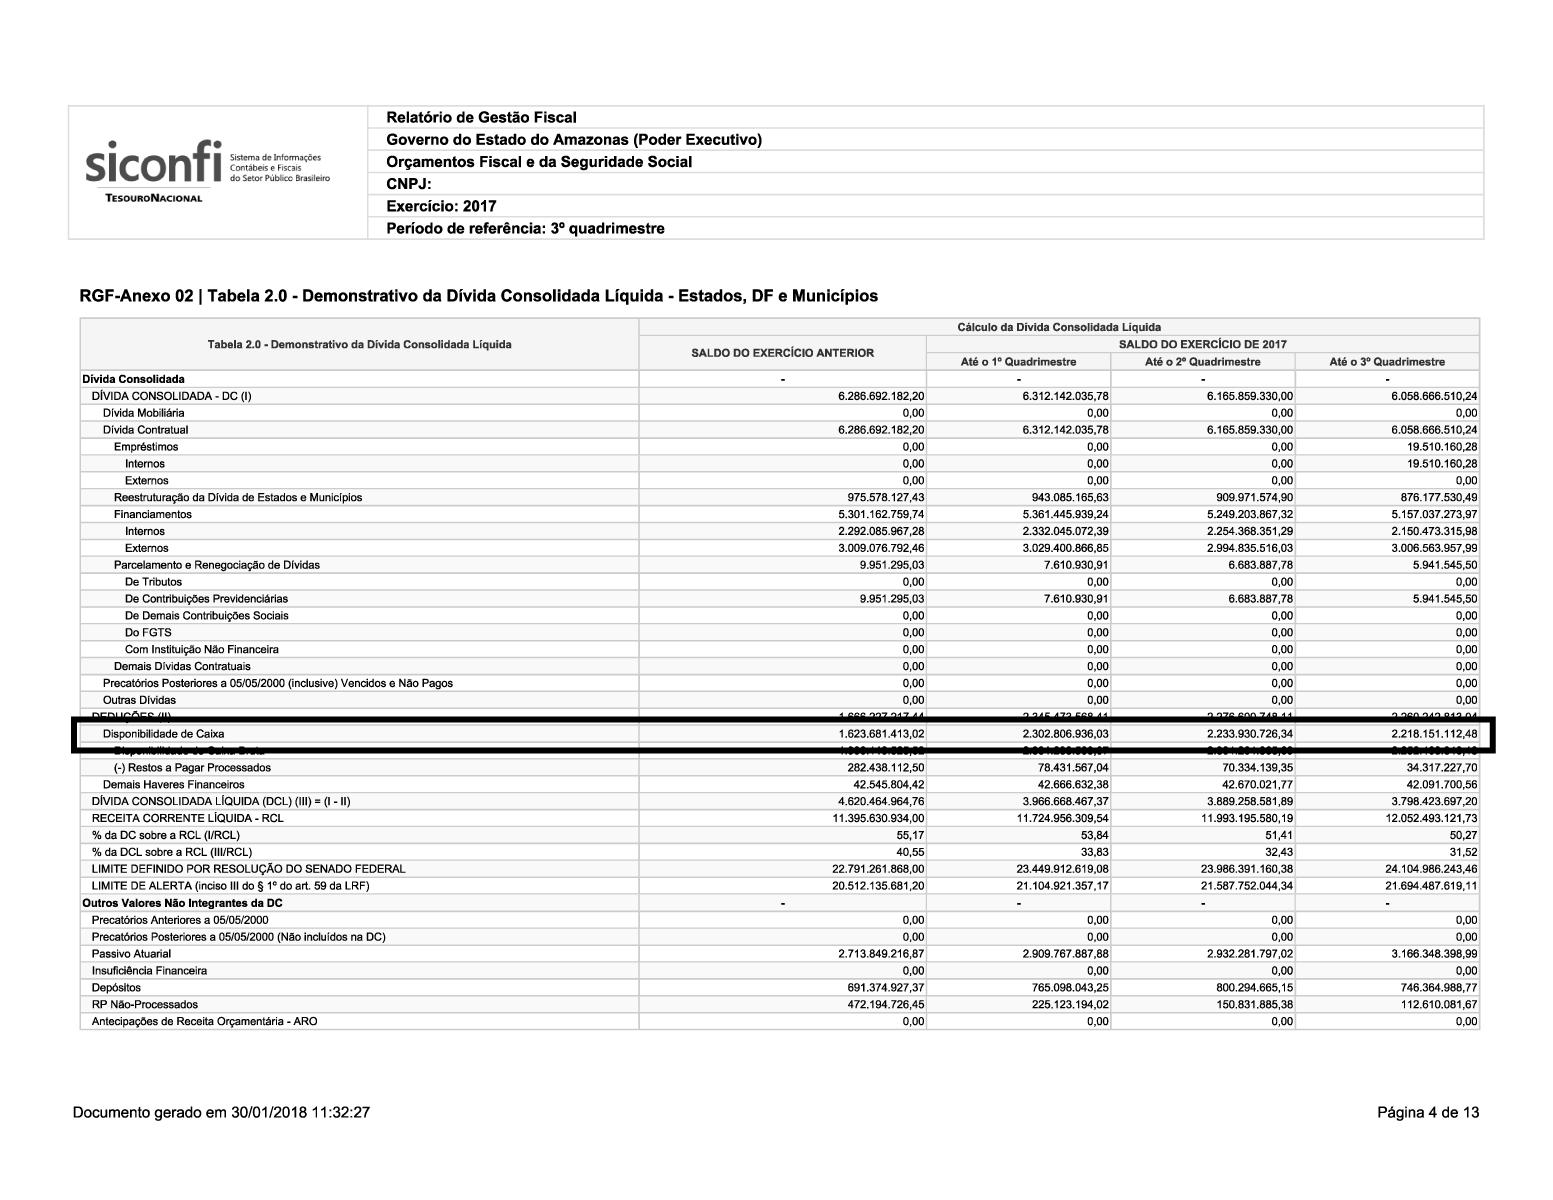 Relatório de Gestão Fiscal / Reprodução Blog do Sarafa